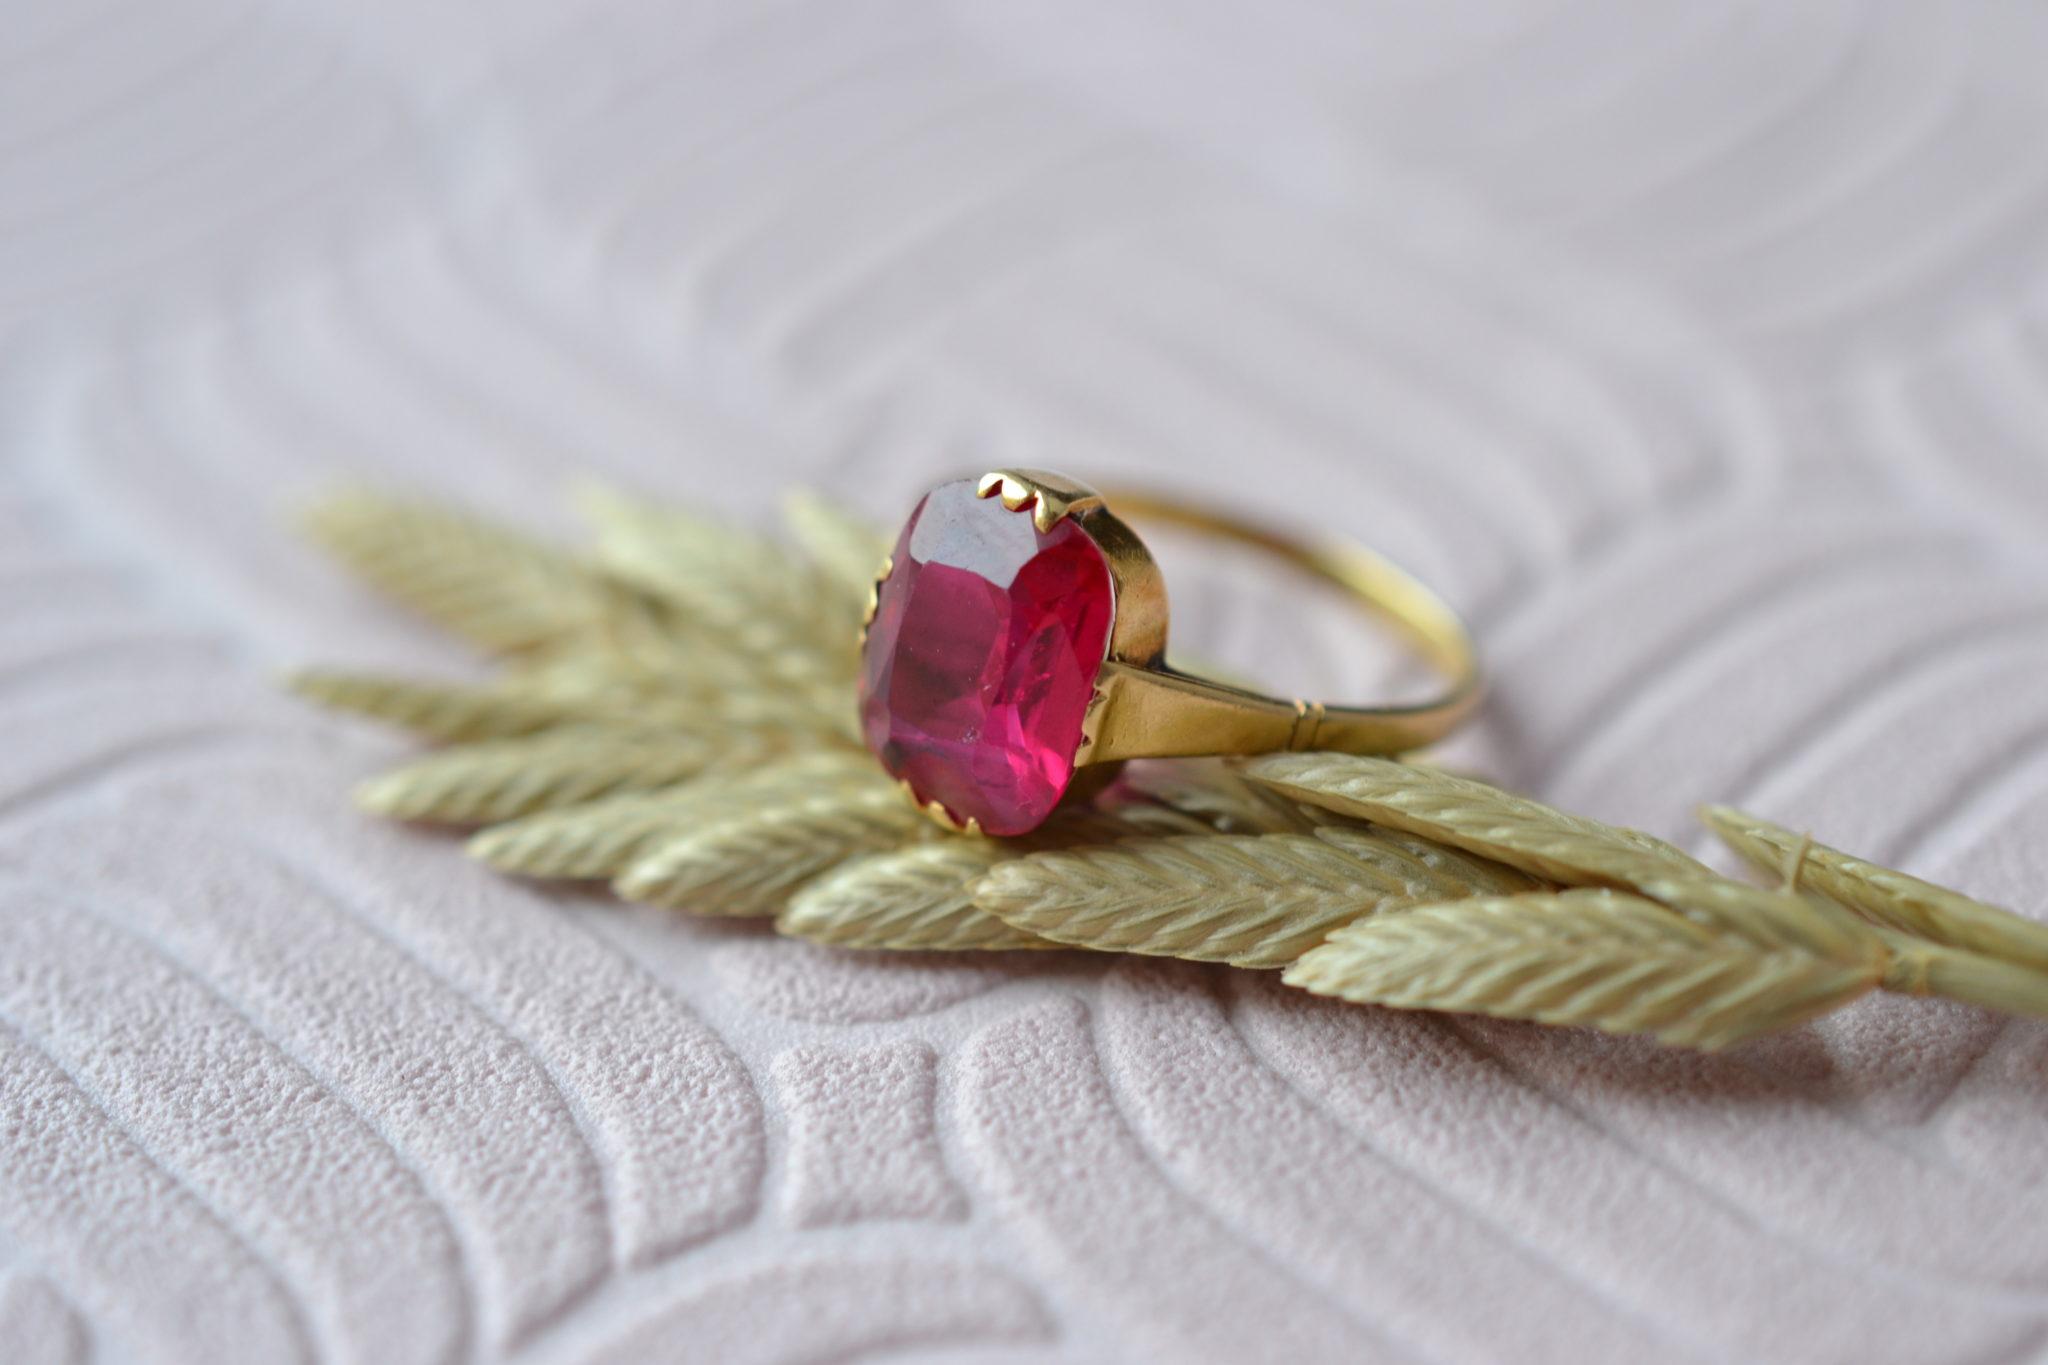 Bague En Or Jaune Sertie D_un Corindon De Synthèse De Couleur Rose _ Rouge - Bague Ancienne